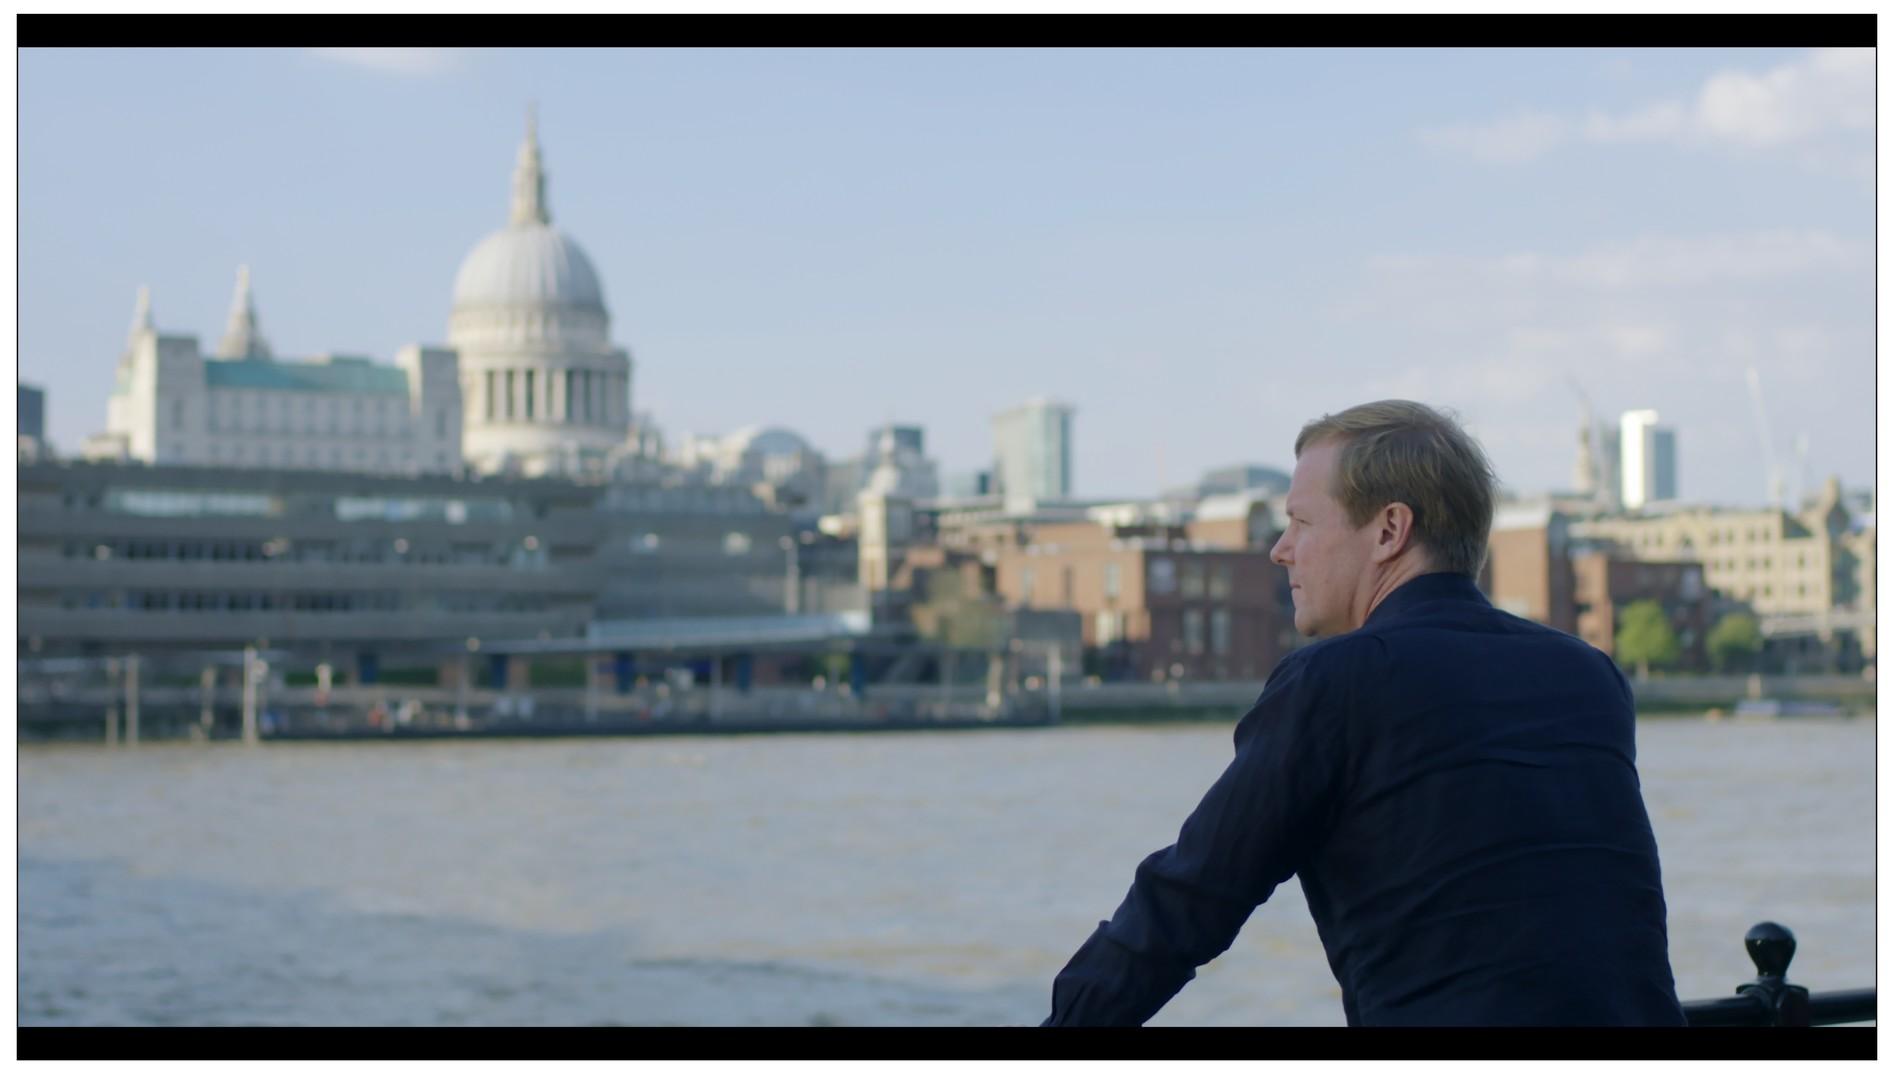 The-Six-Lead_researcher_Steven_Schwankert_in_London